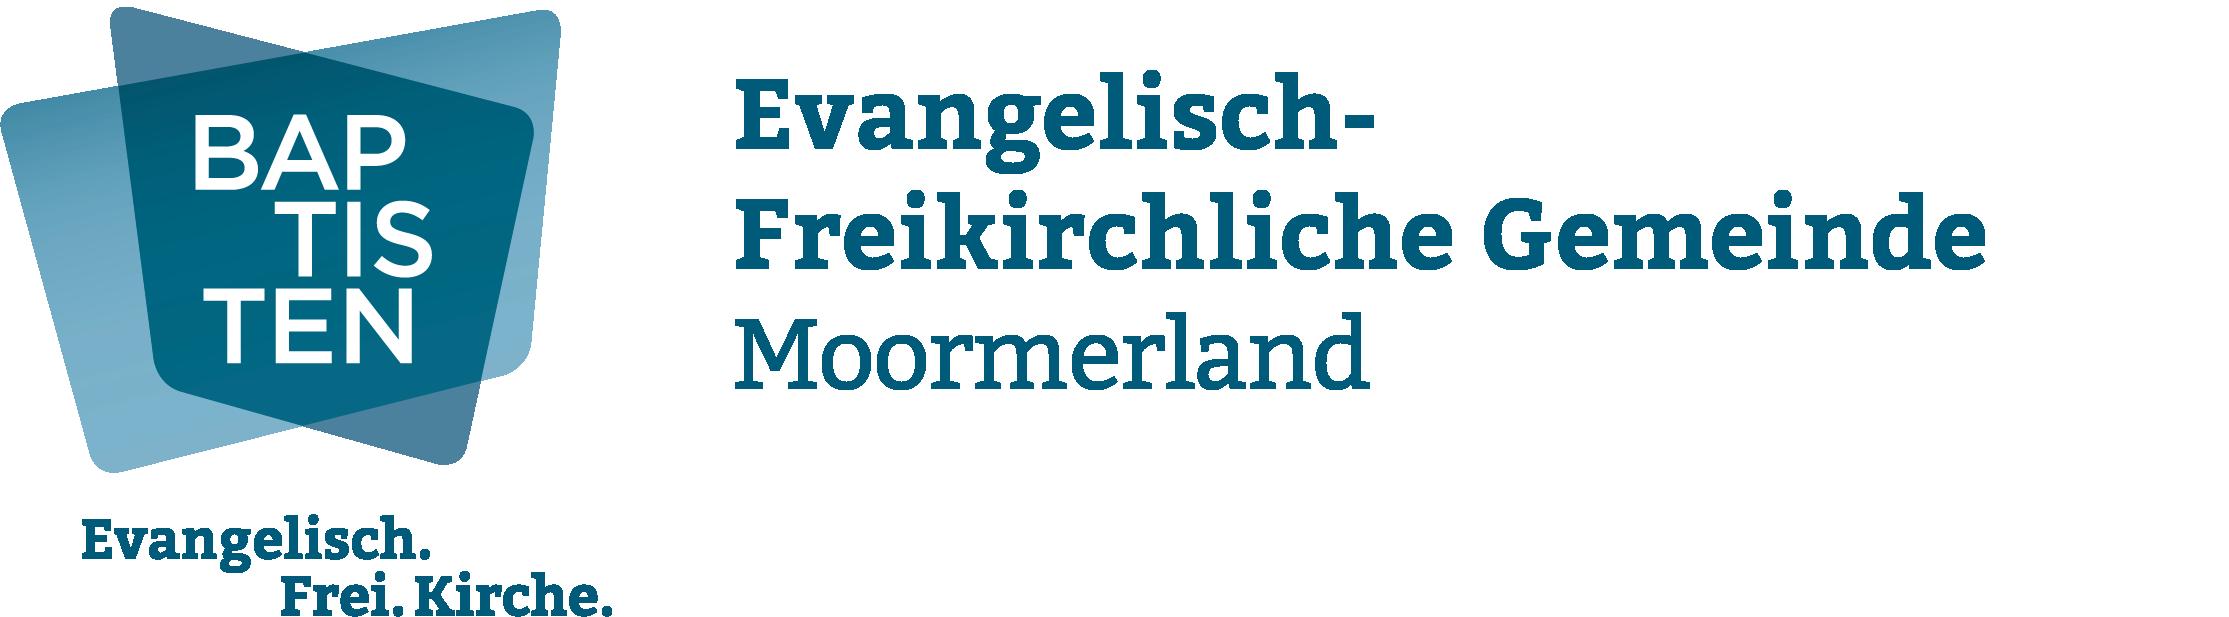 Evangelisch-Freikirchliche Gemeinde Moormerland